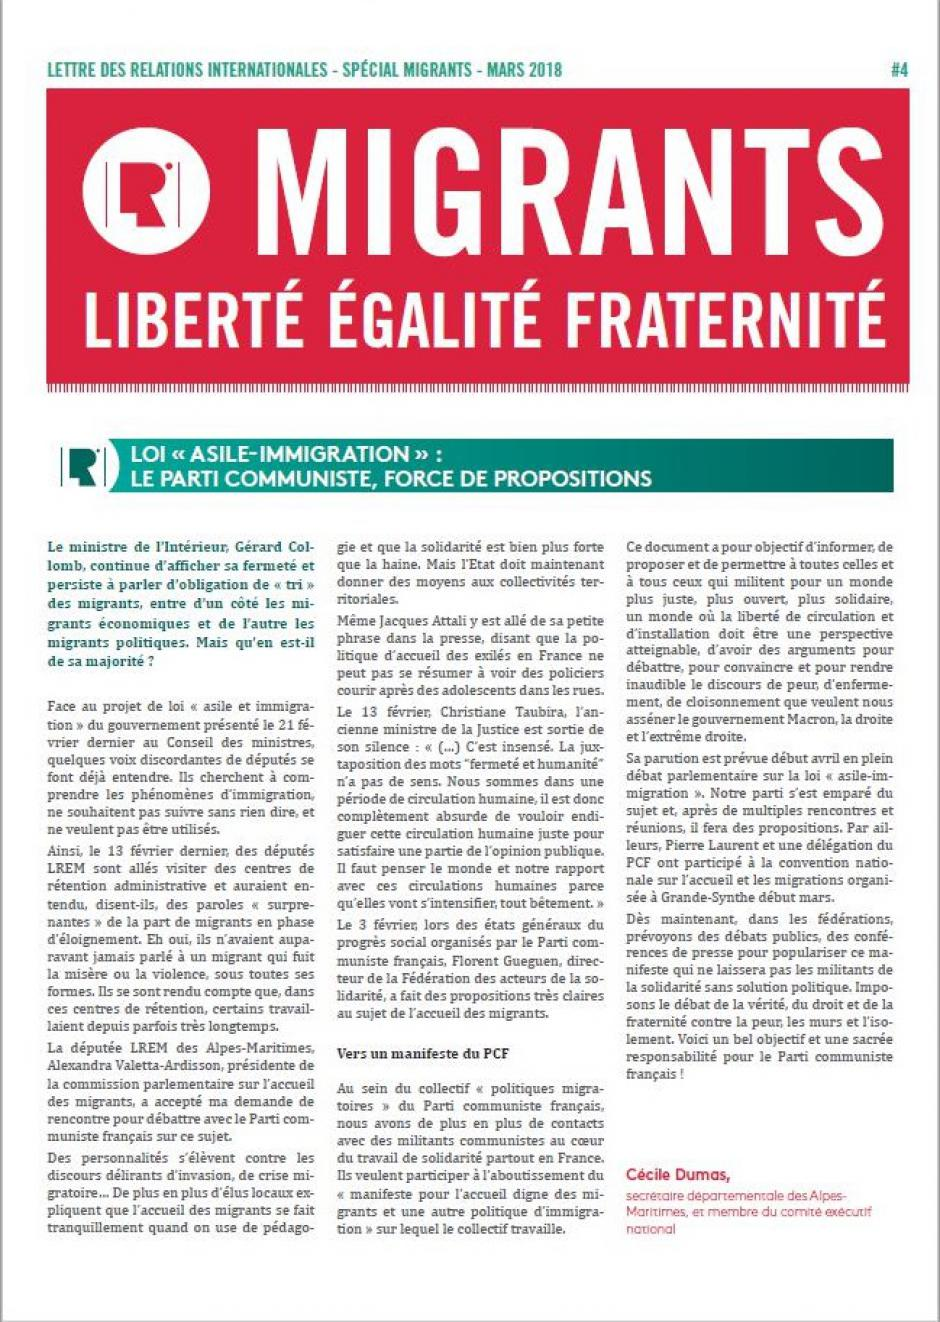 Migrants: Liberté Egalité Fraternité #4